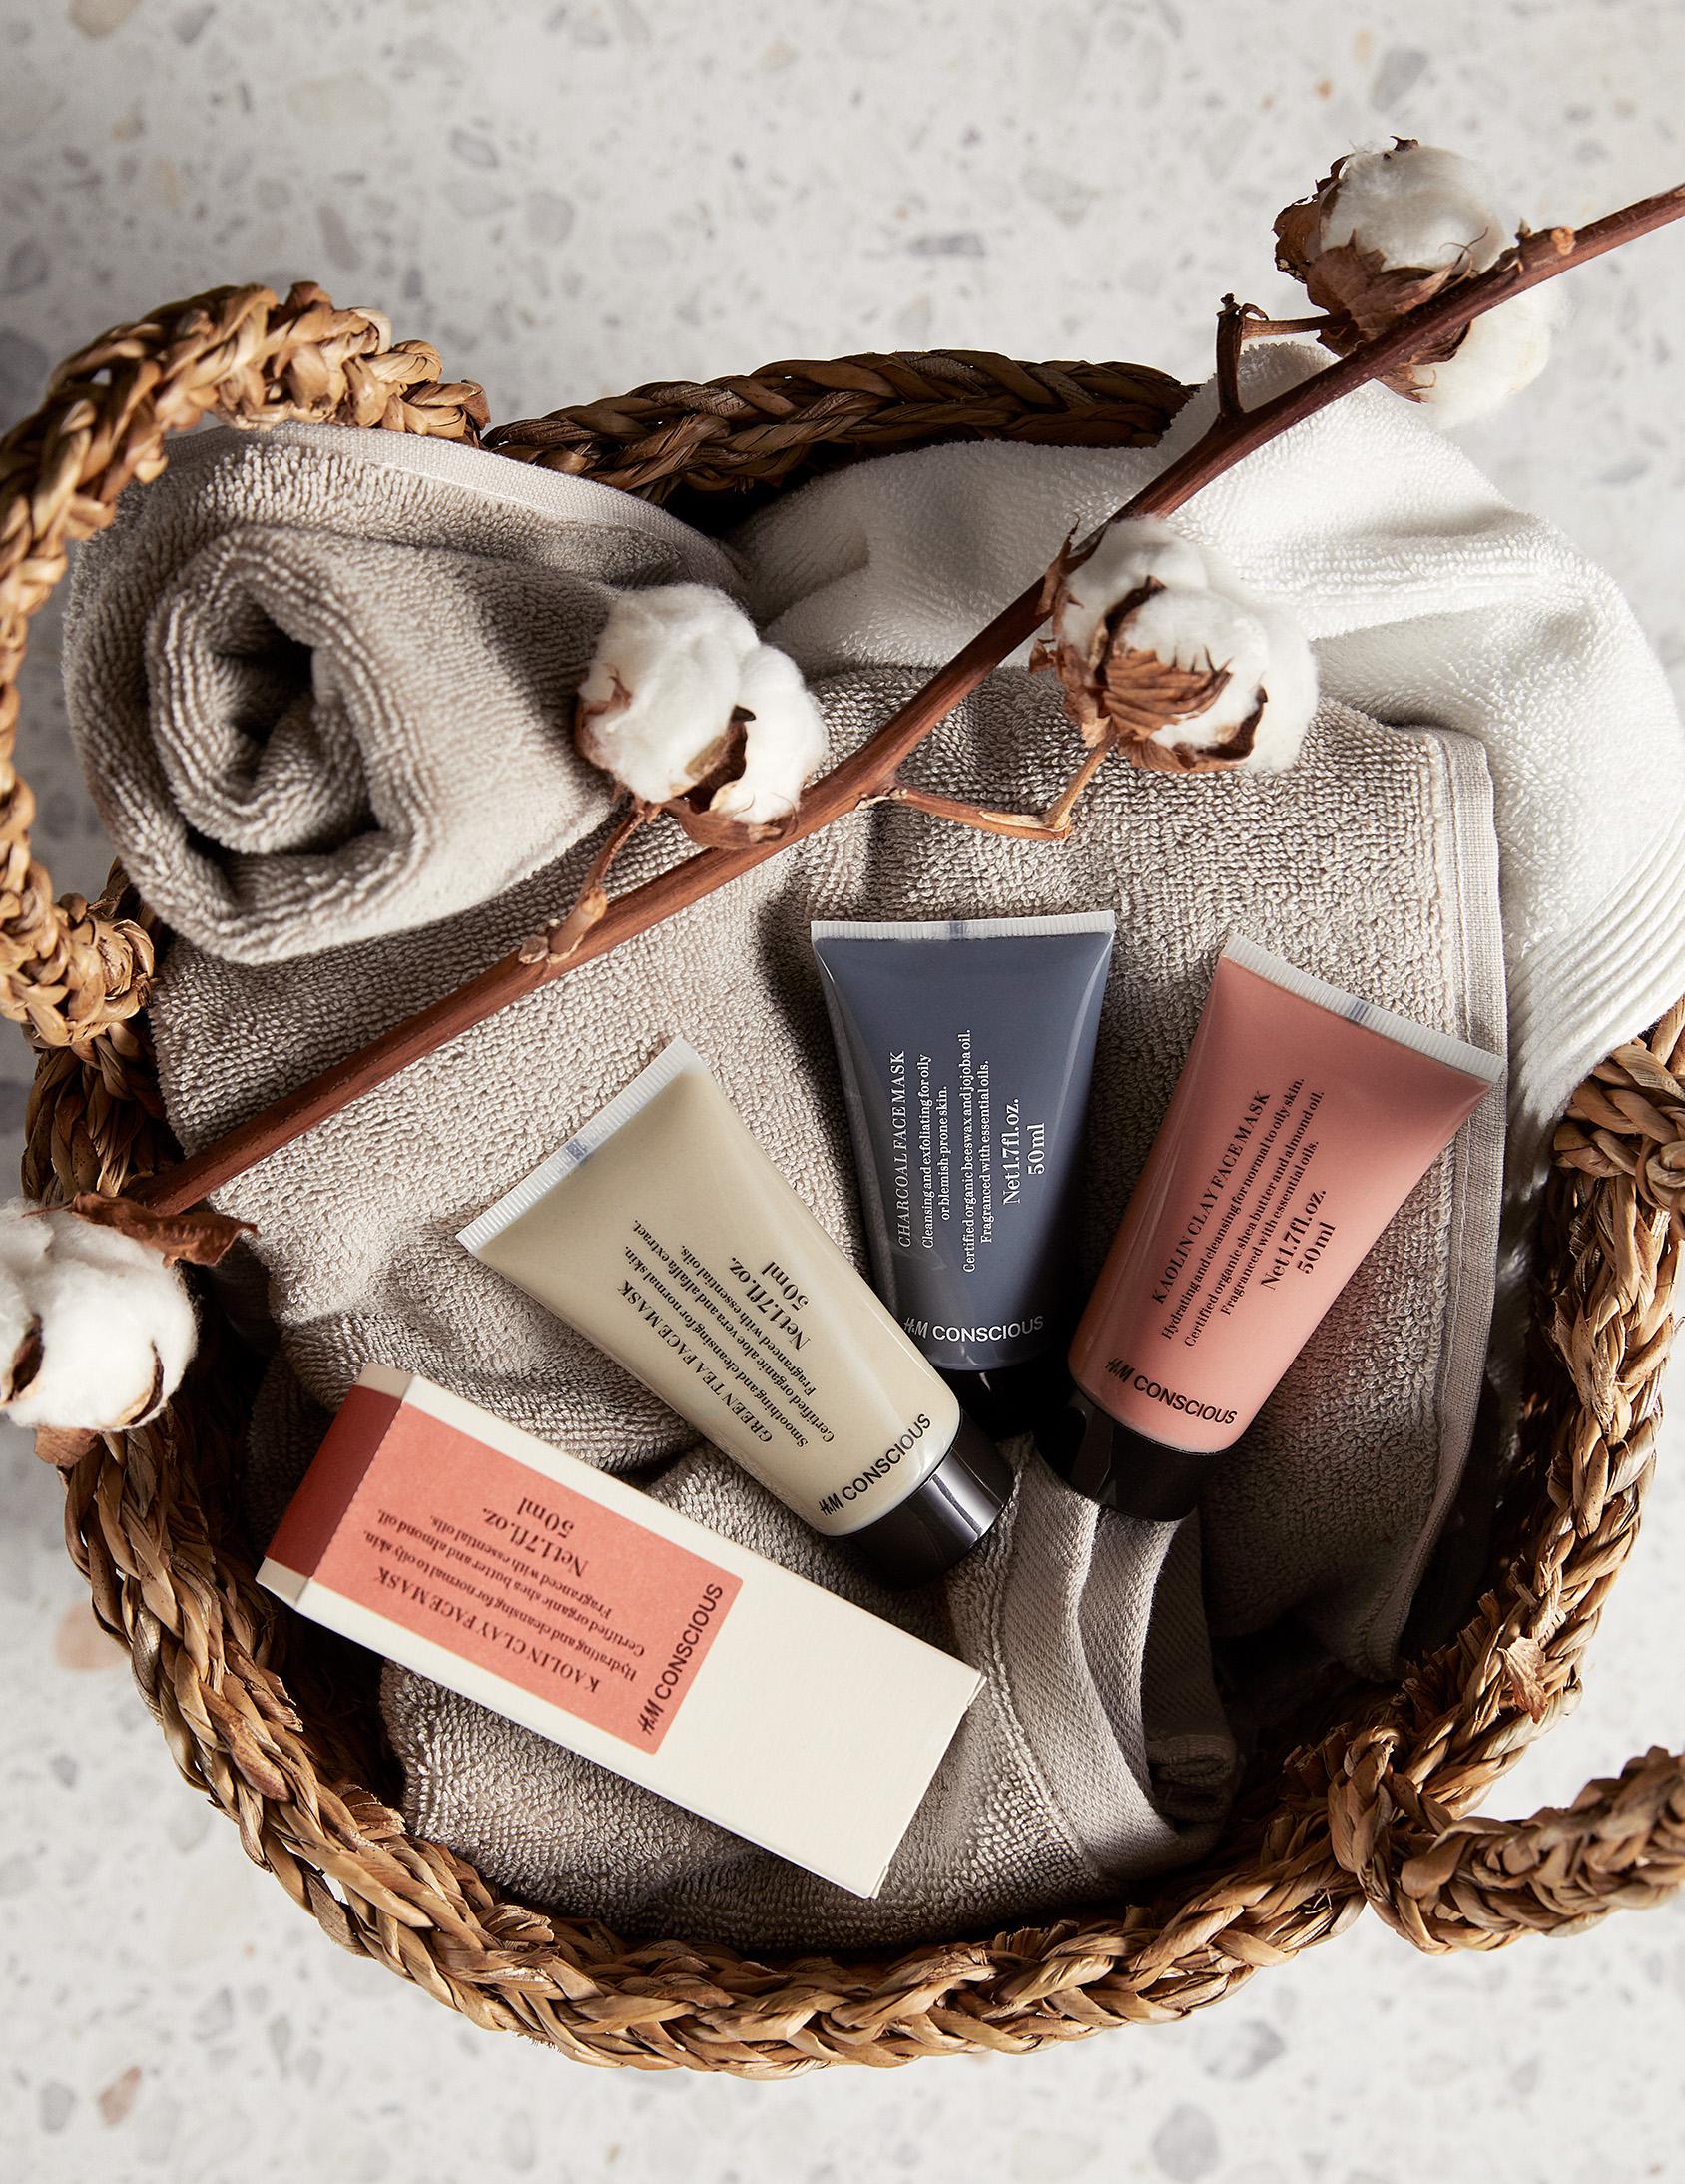 H&M Conscious face masks